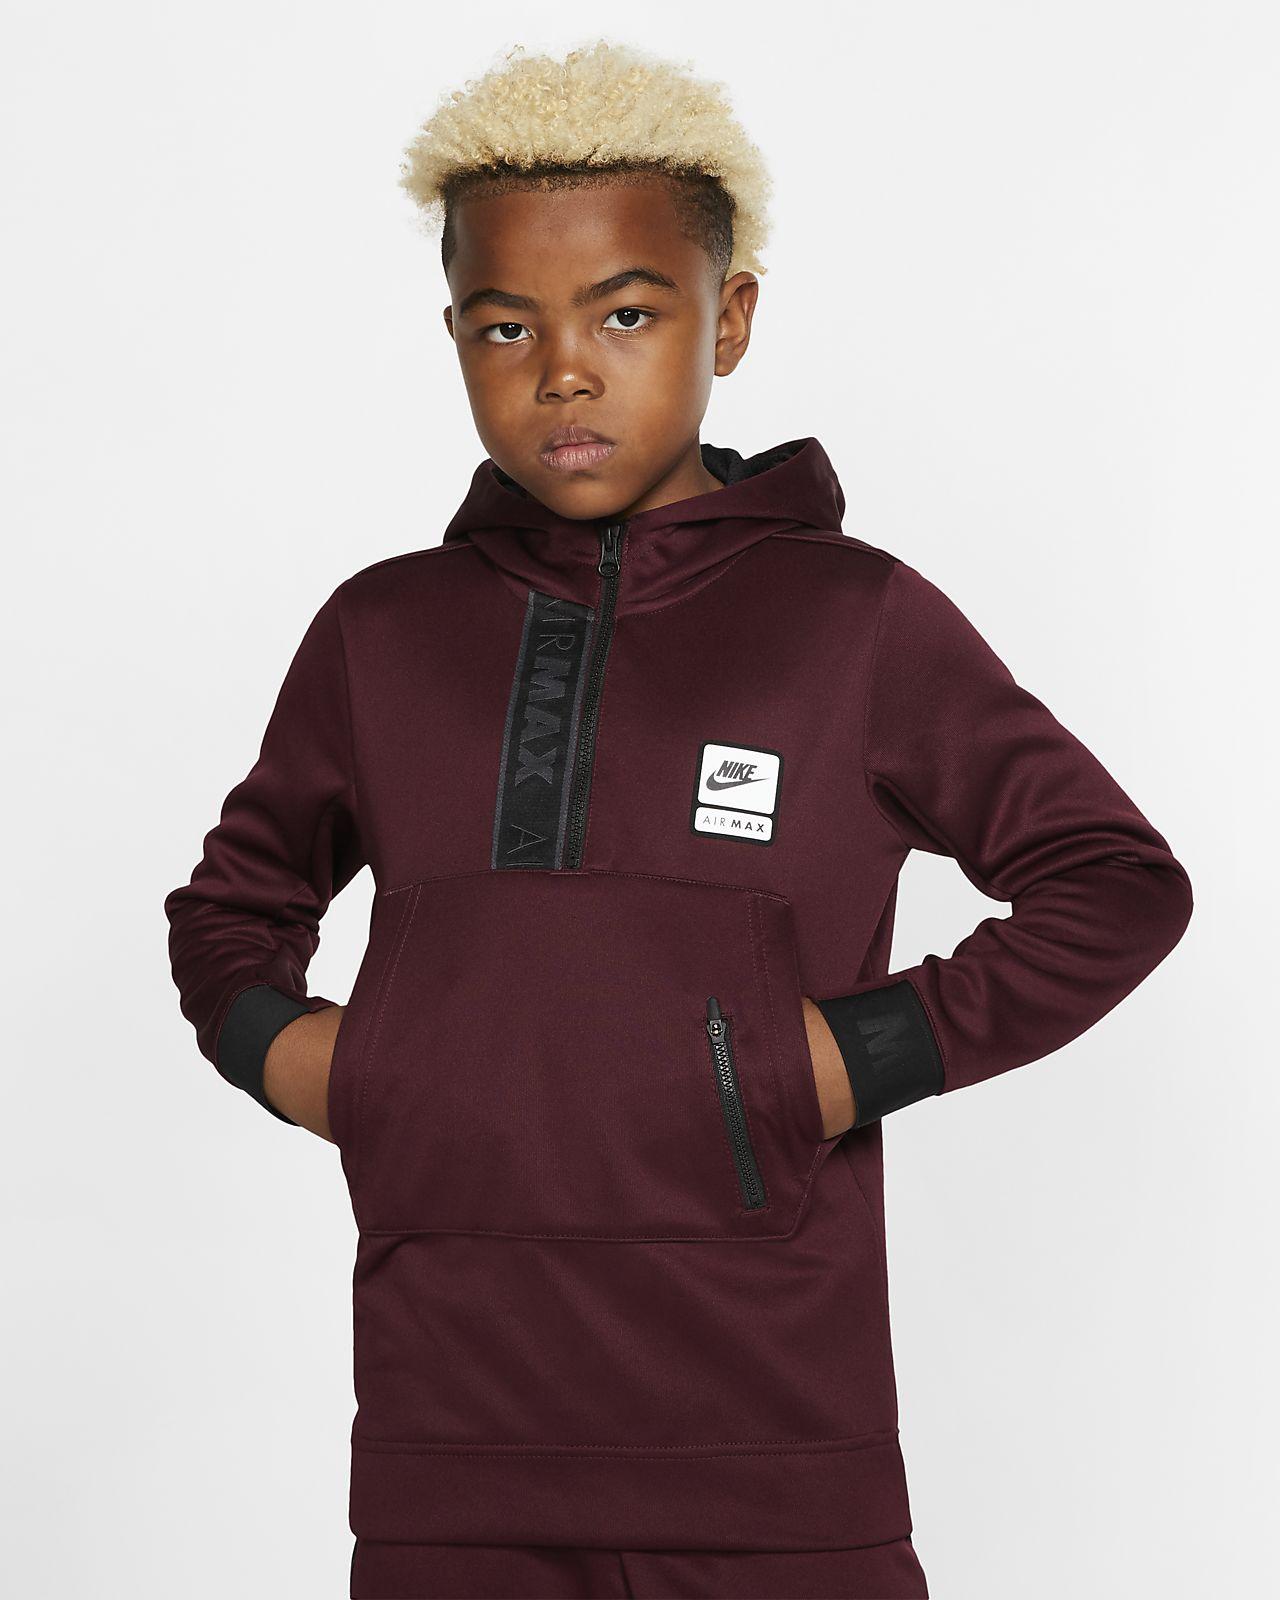 Nike Air Max hettegenser med halv glidelås til store barn